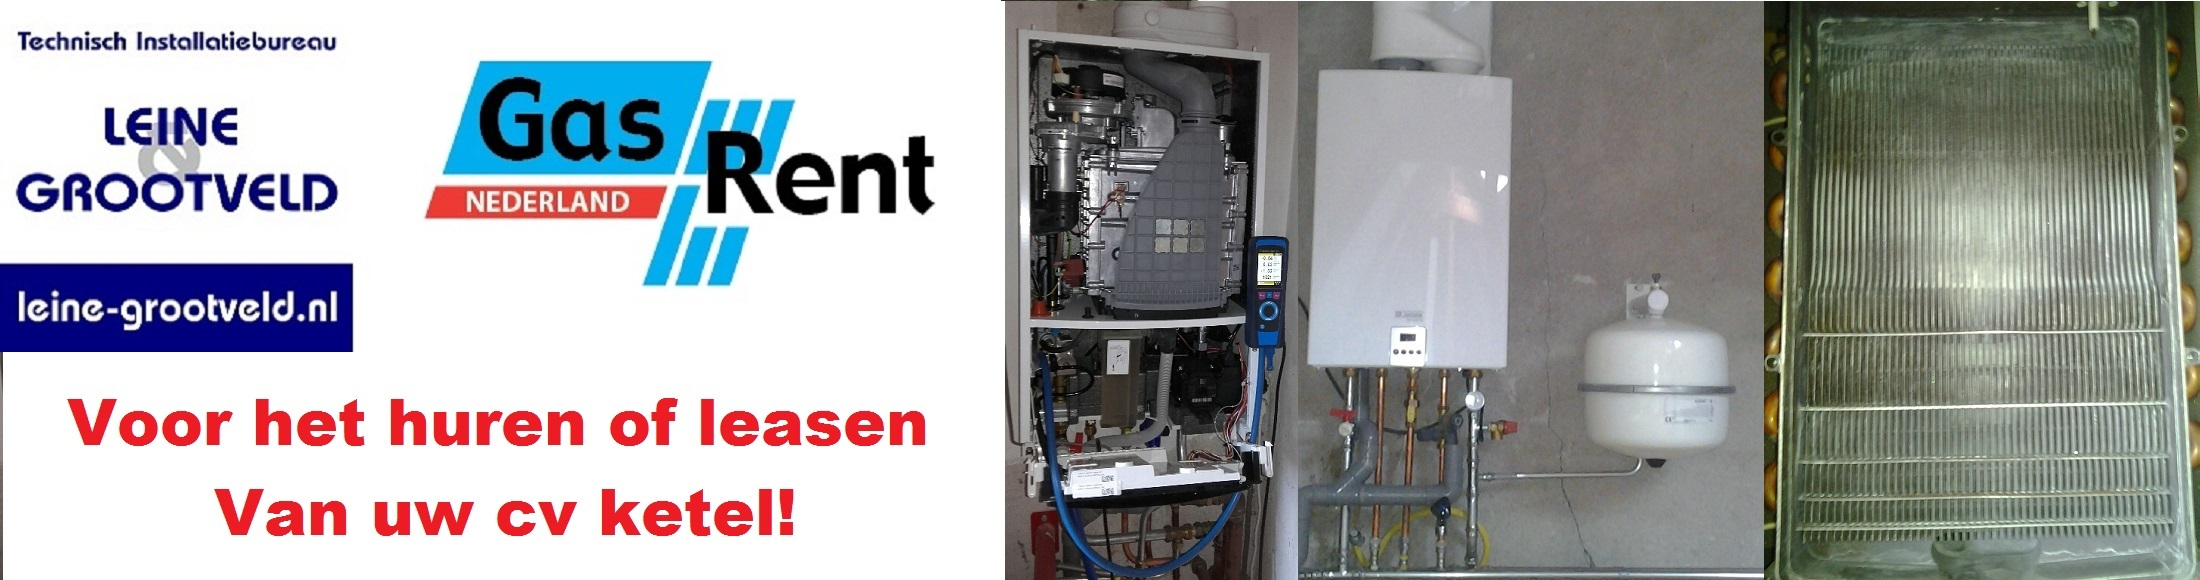 cv ketel huren of leasen Naarden Bussum Hilversum Muiderberg Muiden Huizen Almere laren Gooise-meren